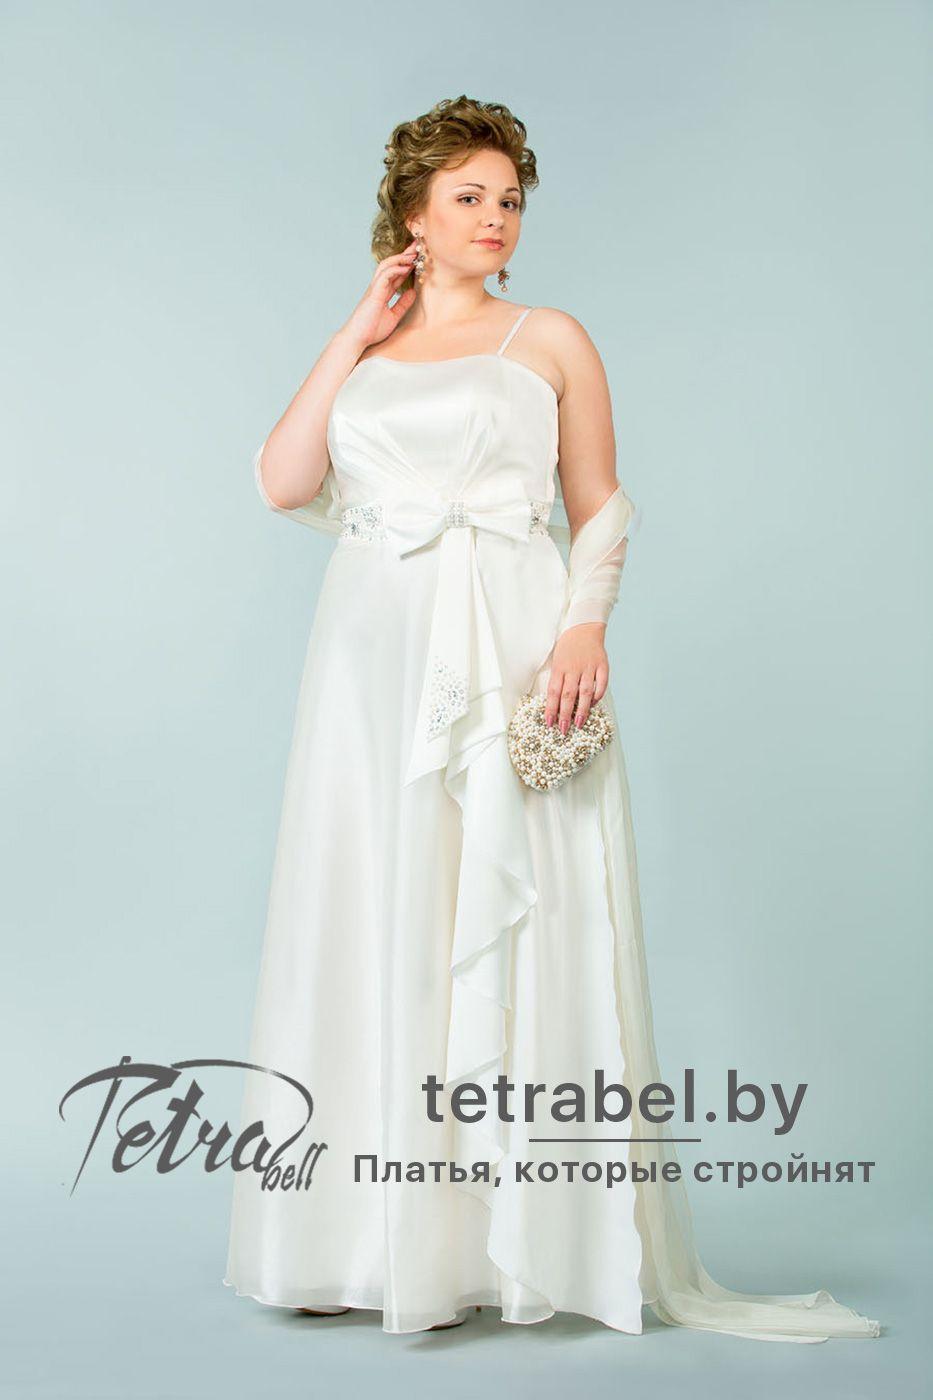 f3138f2feed Изящное и романтичное свадебное платье для полных женщин подойдет для  большинства типов фигур. Свадебные платья больших размеров от tetrabel.by.